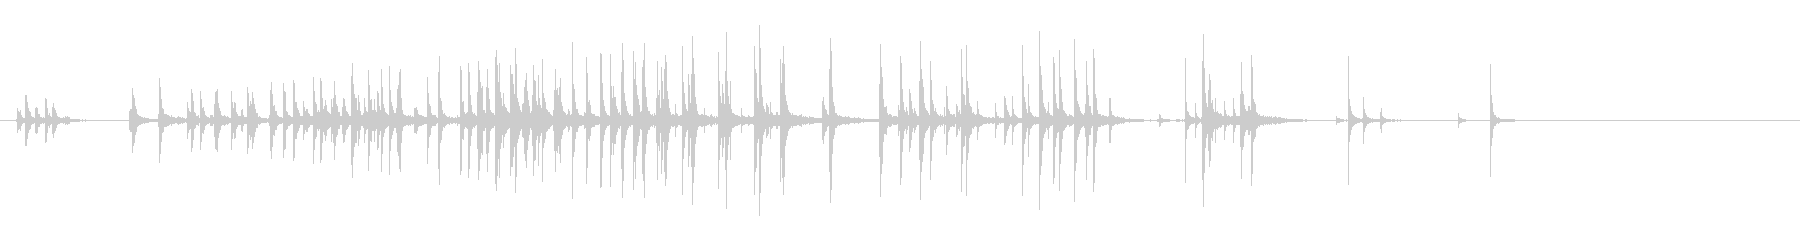 古い木格子:ストレスのきしみとパチパチの未再生の波形